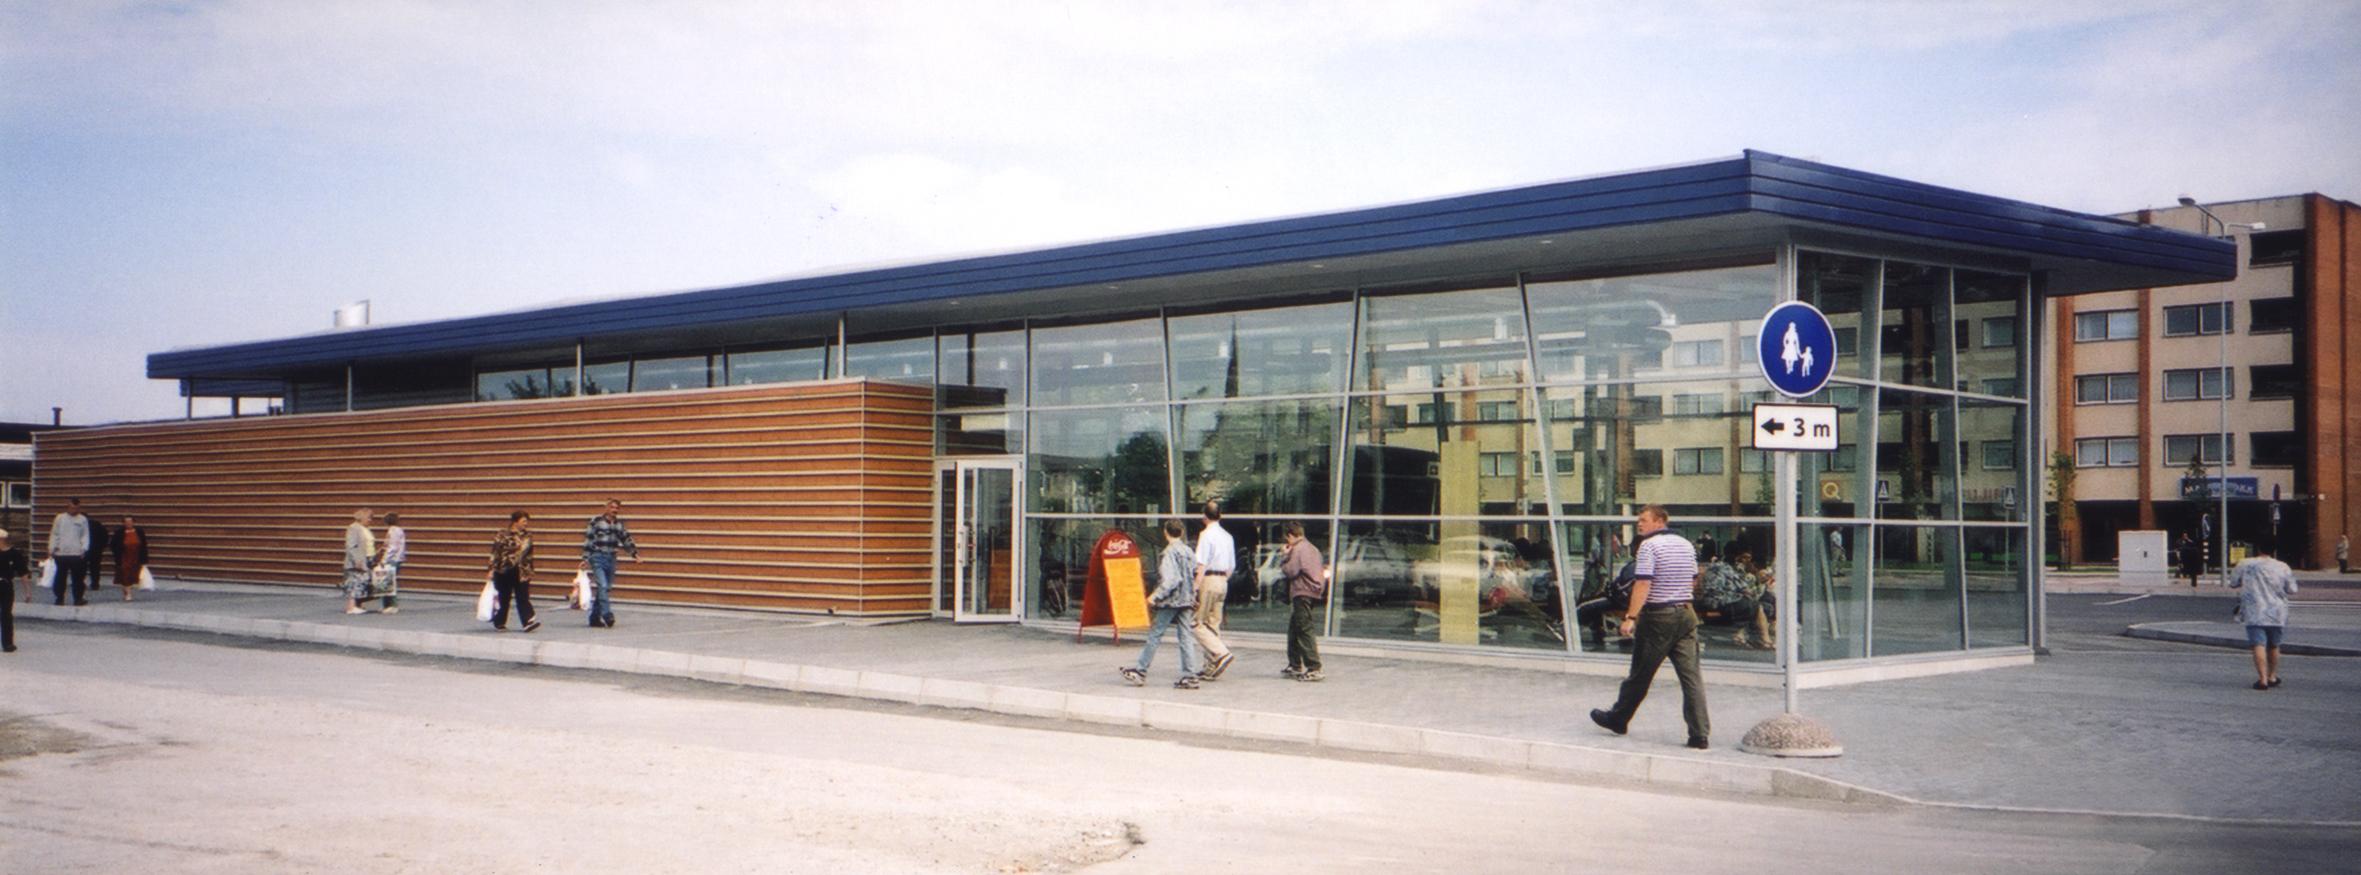 Rakvere bussijaam